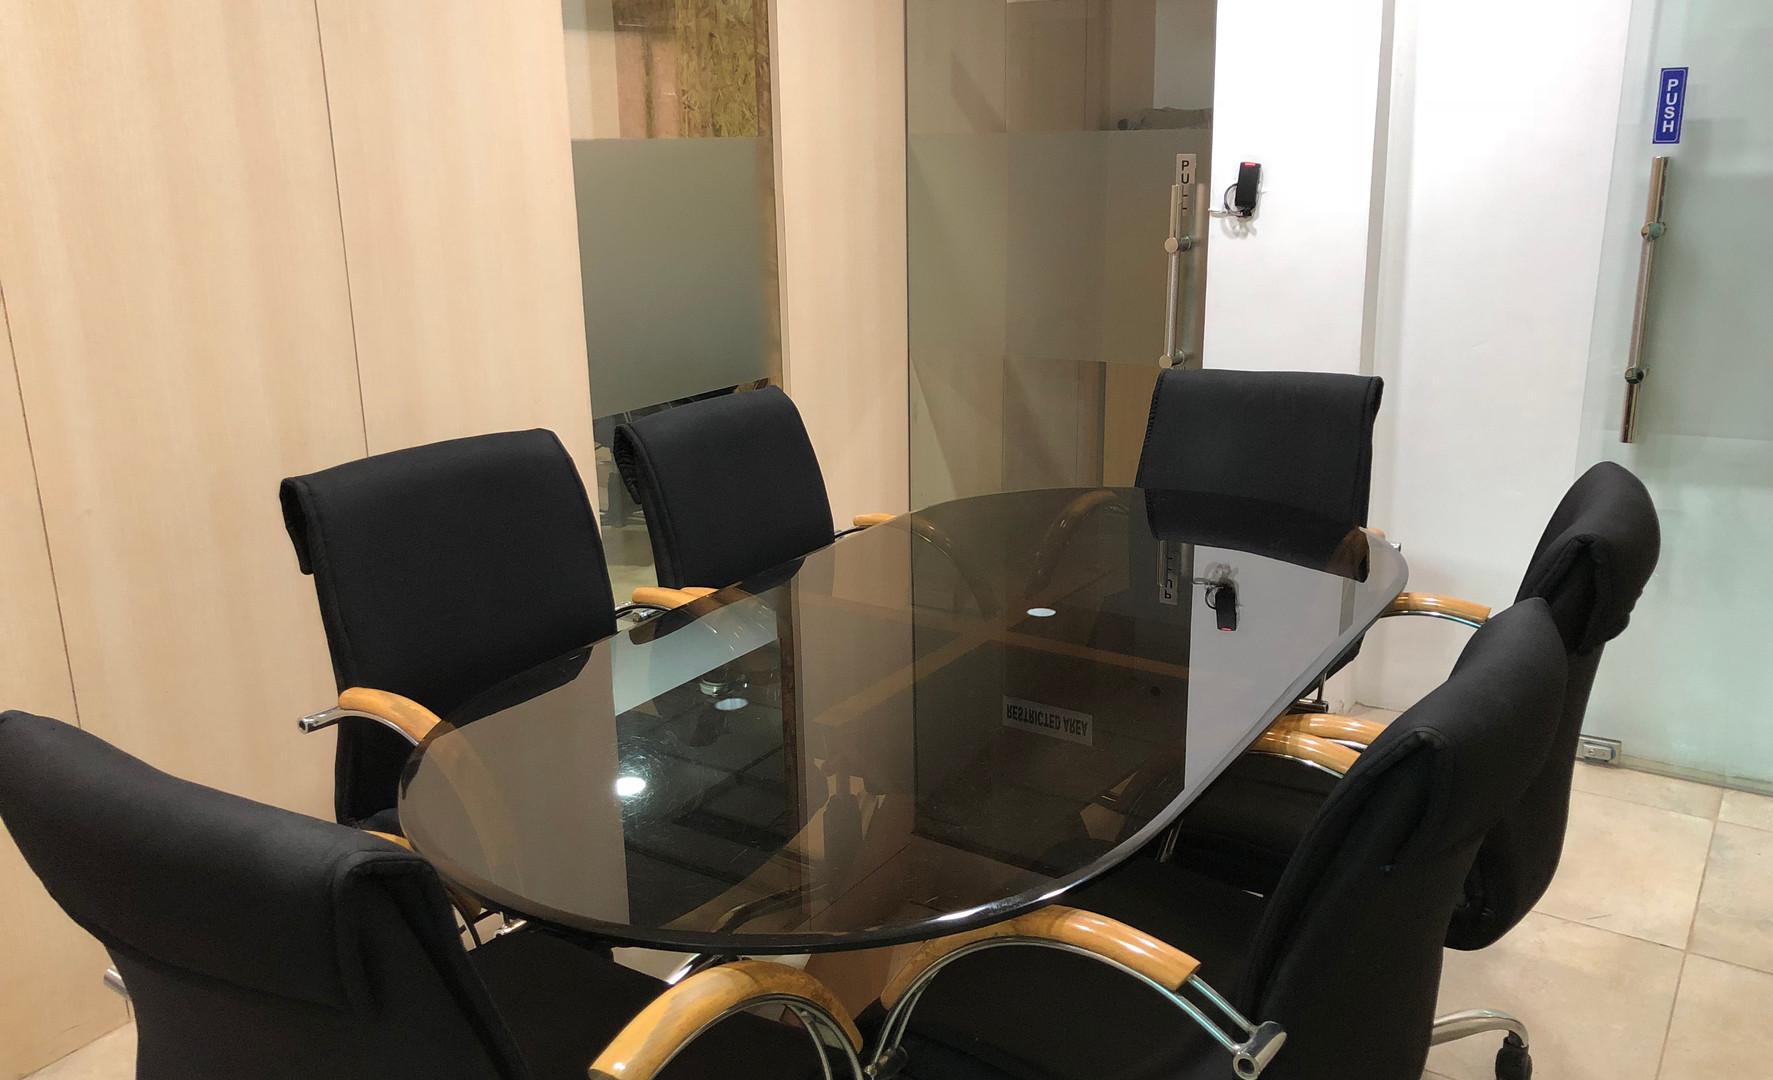 6 Seat Meeting Room